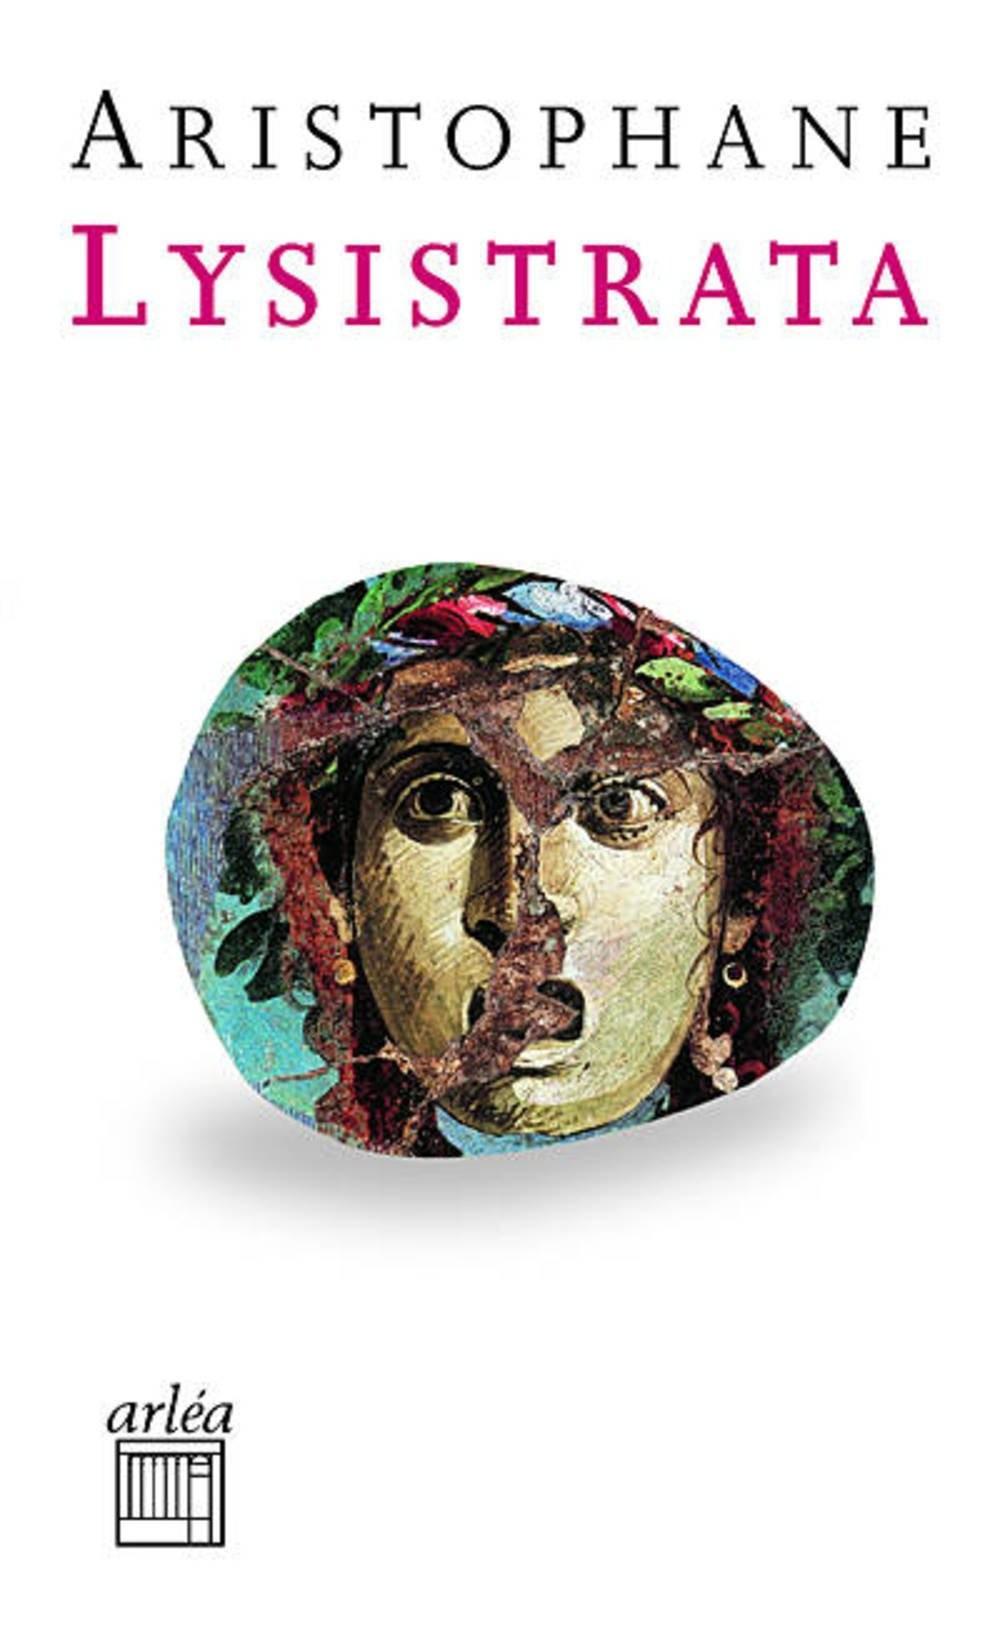 Aristophane, Lysistrata, trad. du grec par Lætitia Bianchi et Raphaël Meltz, coll. Poche-retour aux grands textes, Éditions Arléa, 2012.